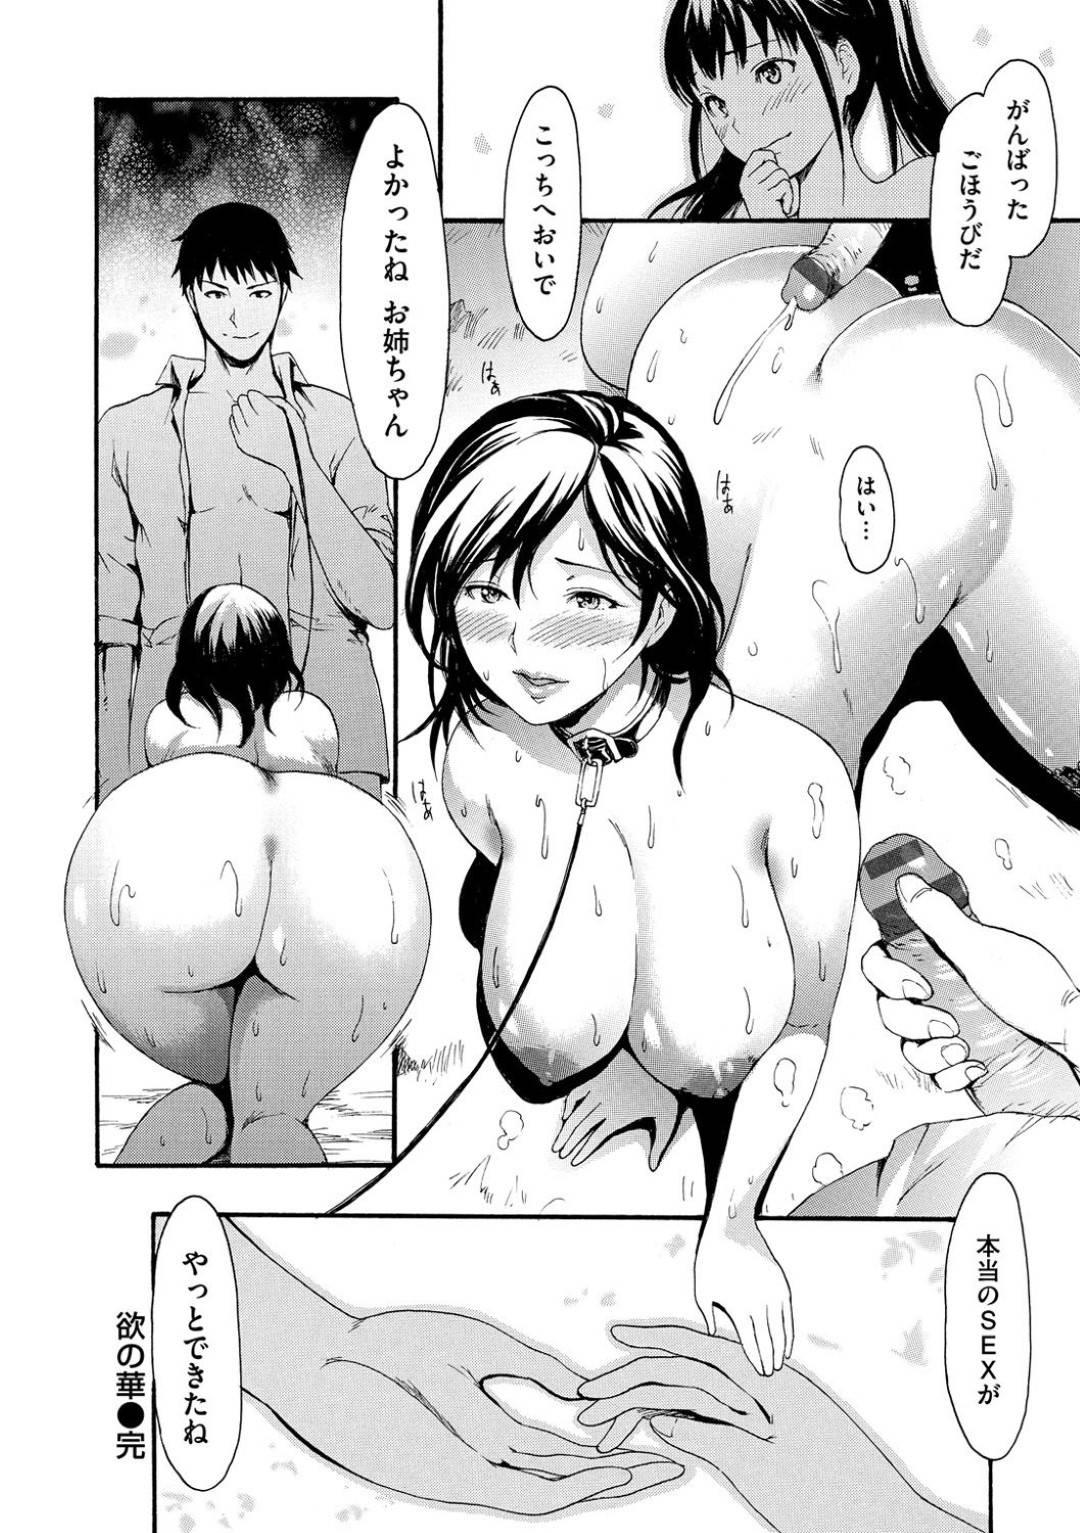 【エロ漫画】部下にセックス中尻叩きをされて興奮してしまう巨乳上司…しかしまだ本当の姿を晒していない彼女はついに会社の屋上でドMの姿を曝け出し他の部下のチンポをご奉仕する!【いーむす・アキ】